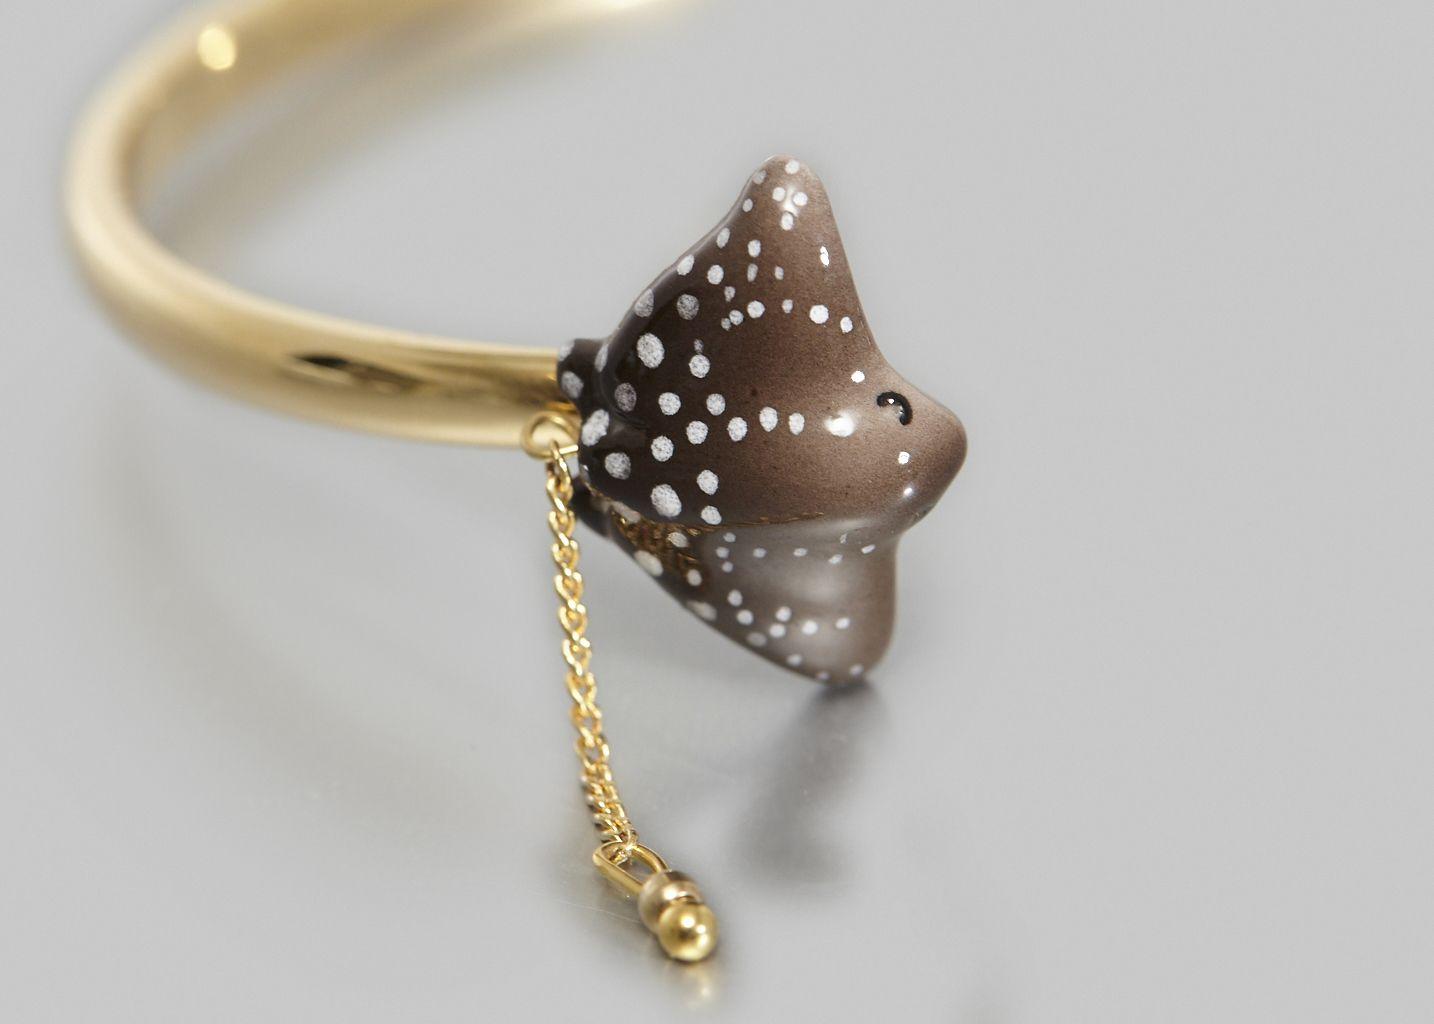 Bracelet Spotted Ray - Nach